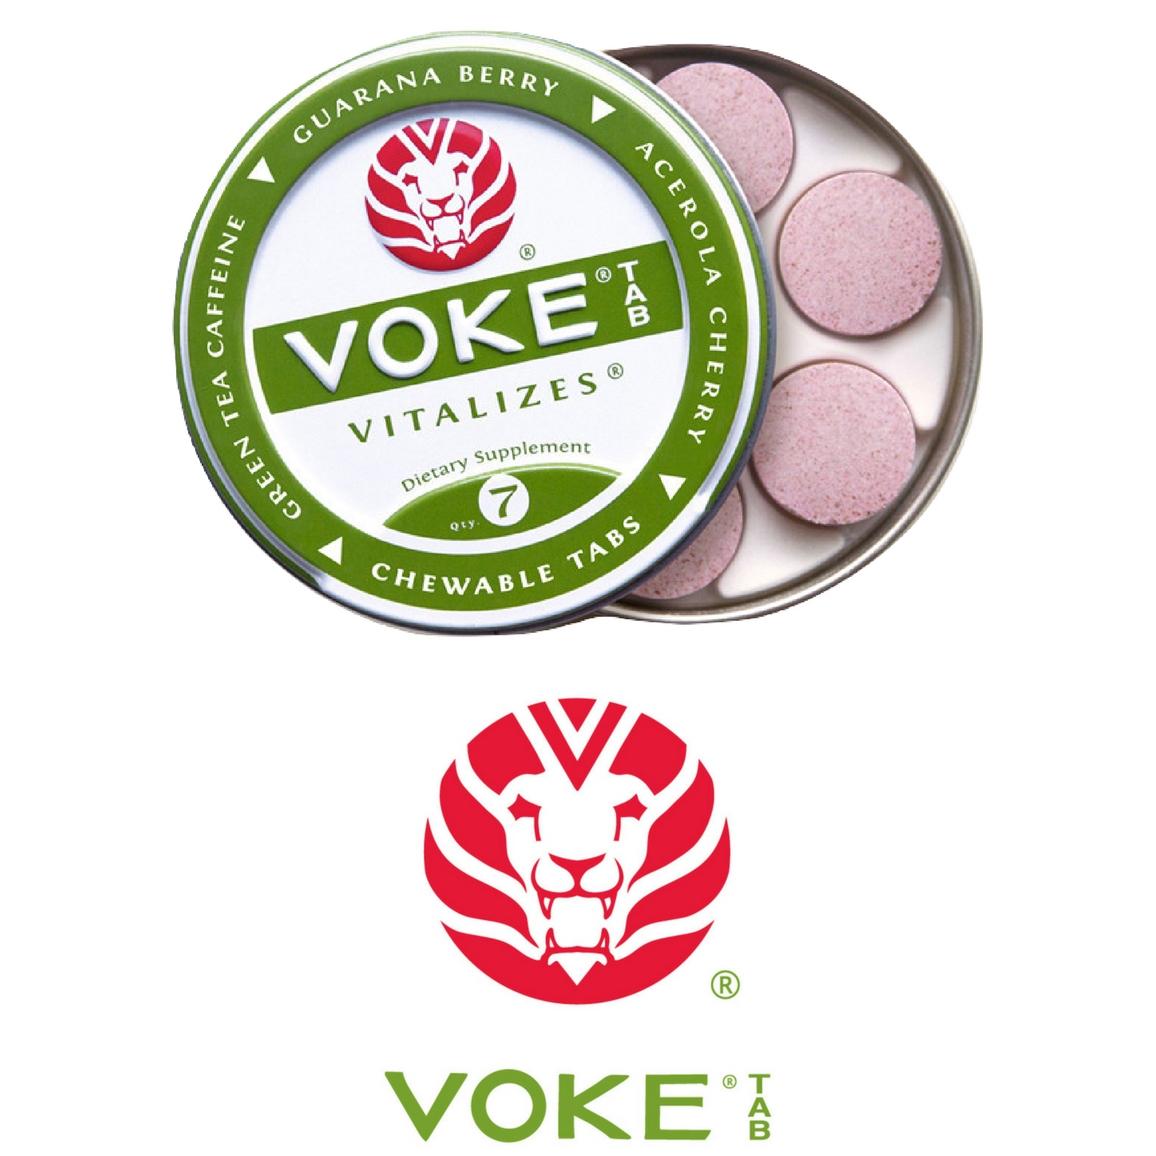 Voke Tab Brand image.jpg